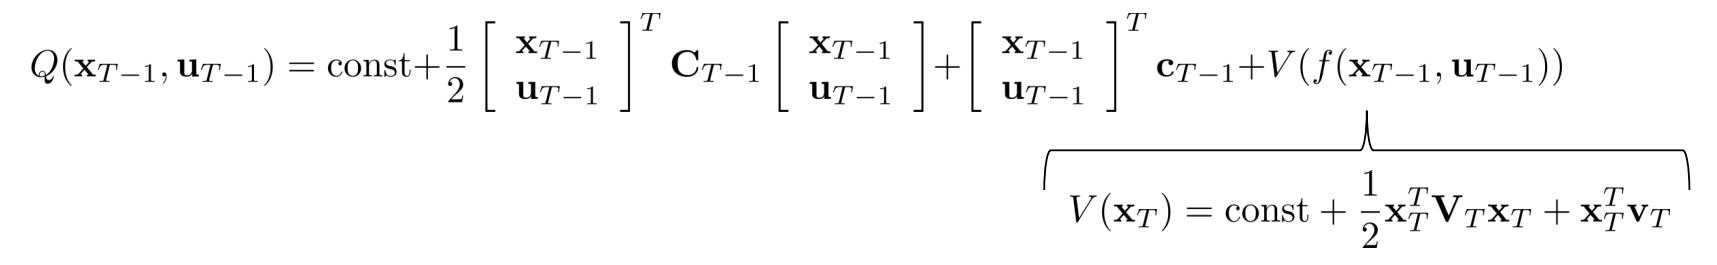 倒数第二个时间步的Q值函数